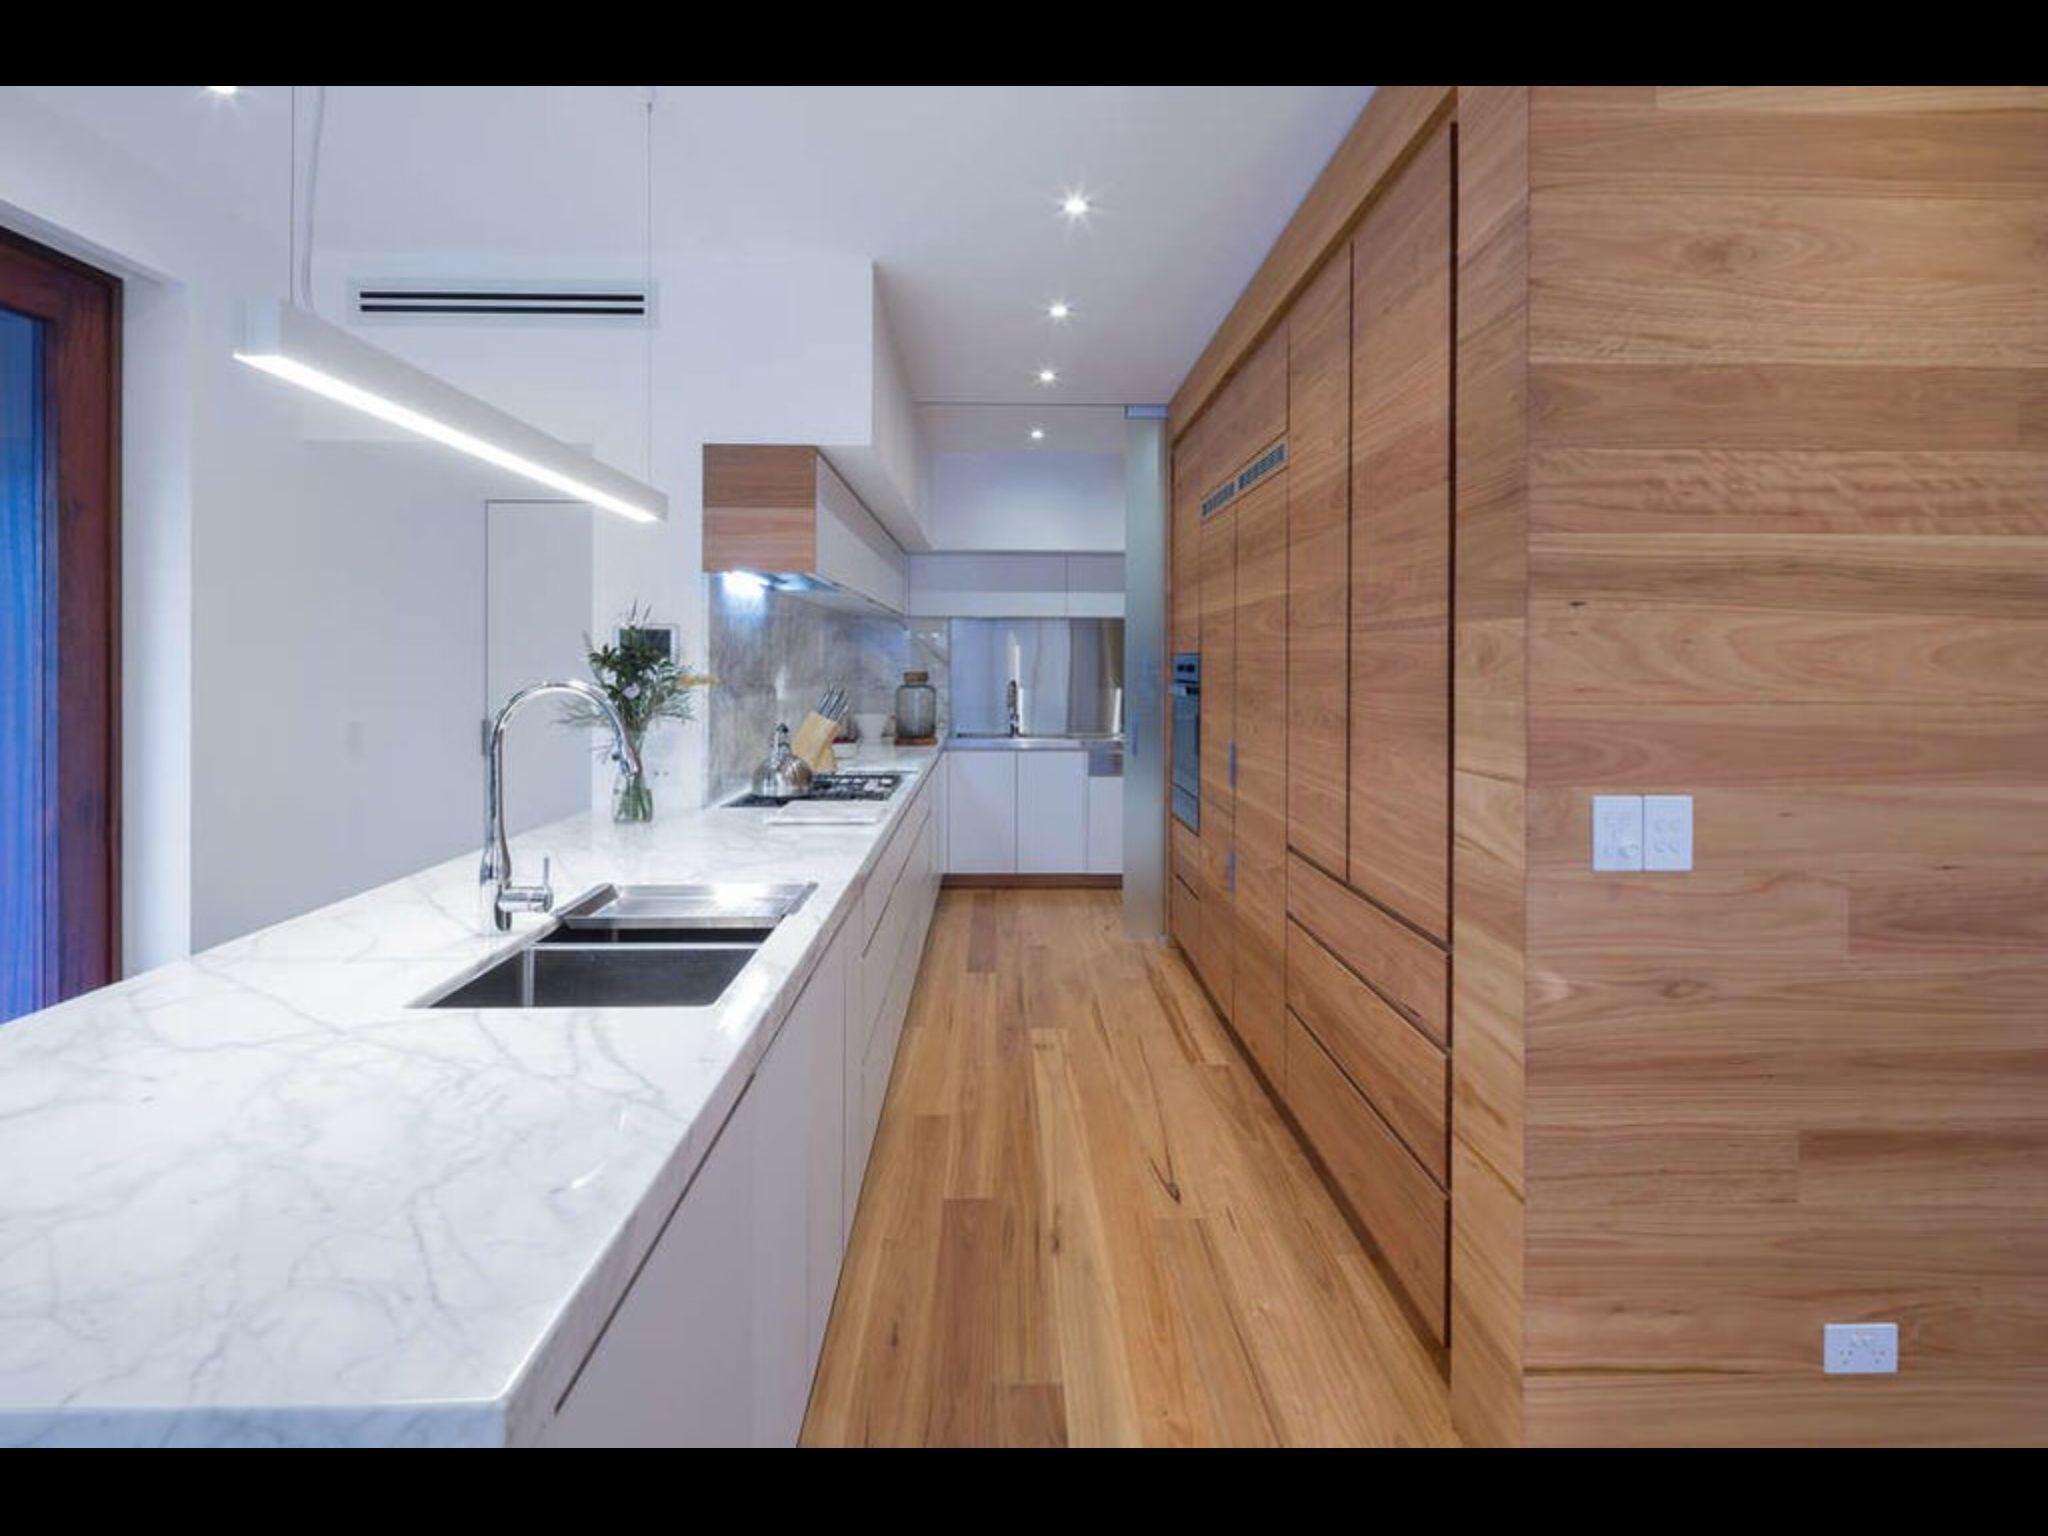 Keuken Ideeen Kleur : Witte keuken welke kleur muren l van design keukens en woonkamer